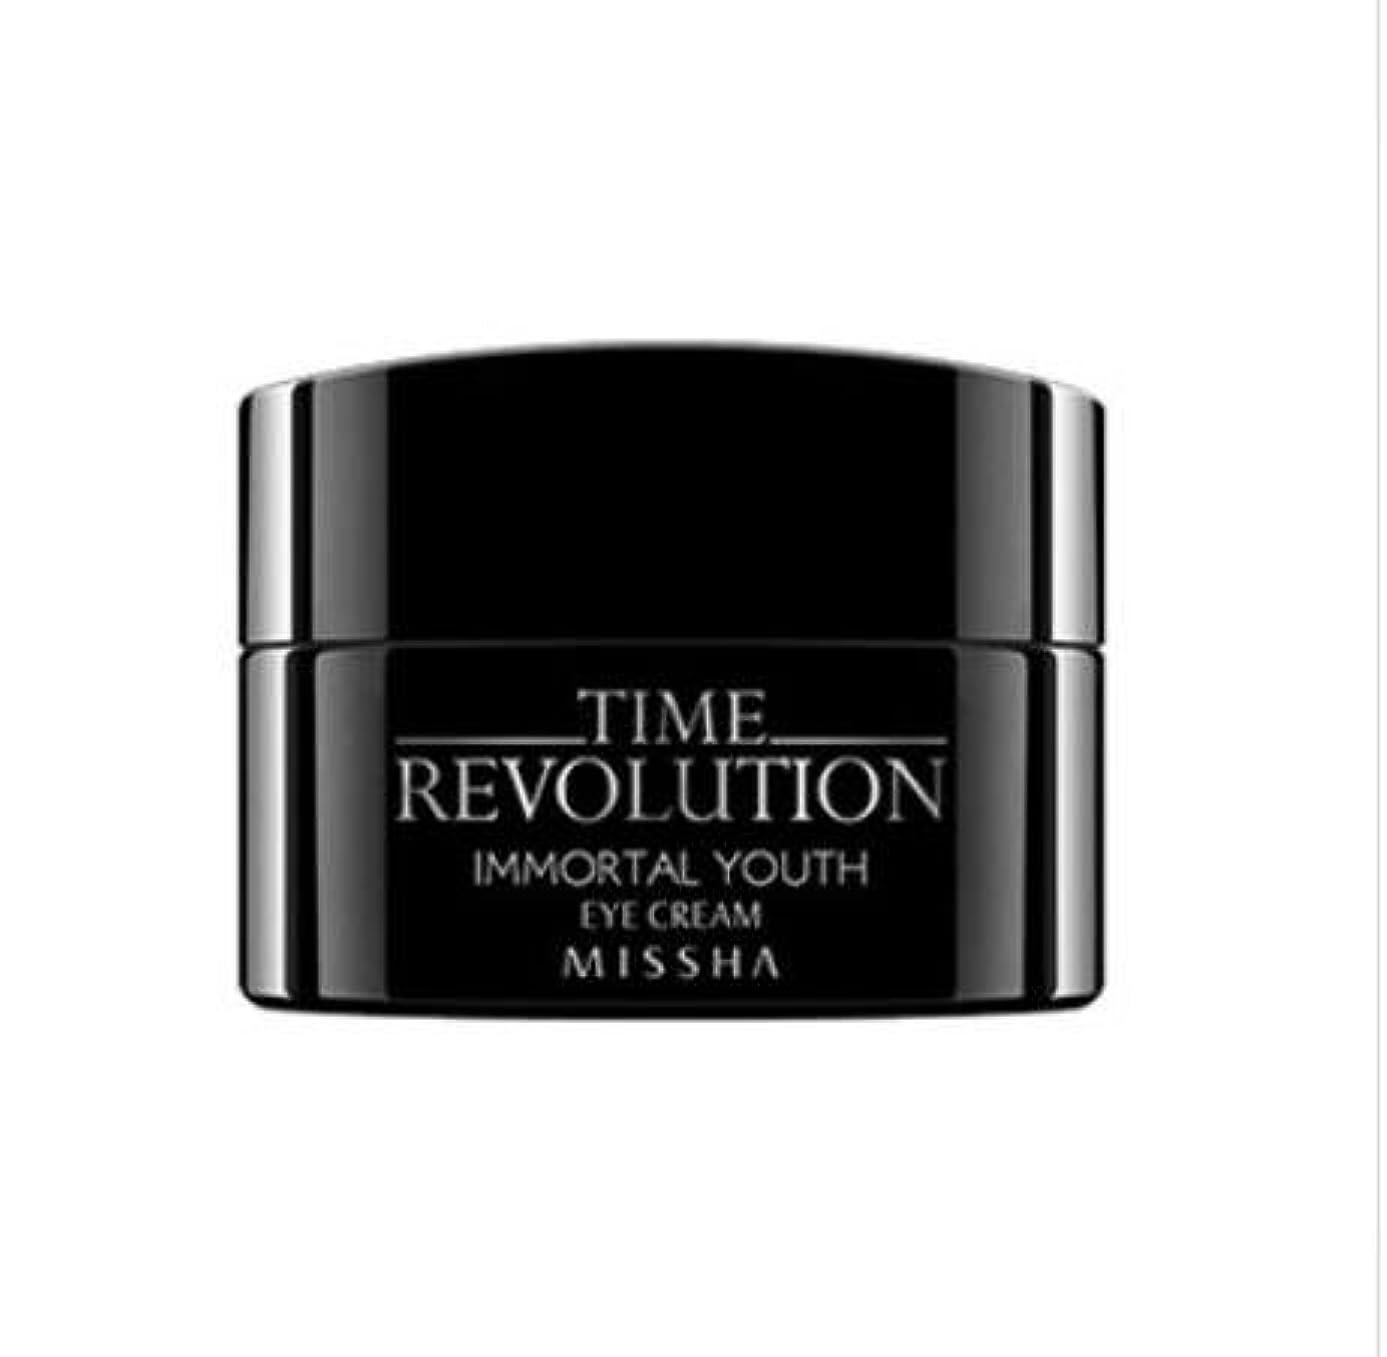 ボンドメッシュシンク[ミシャ] Missha [タイムレボリューション イモタルユース アイクリーム](MISSHA Time Revolution Immortal Youth Eye Cream) [並行輸入品]